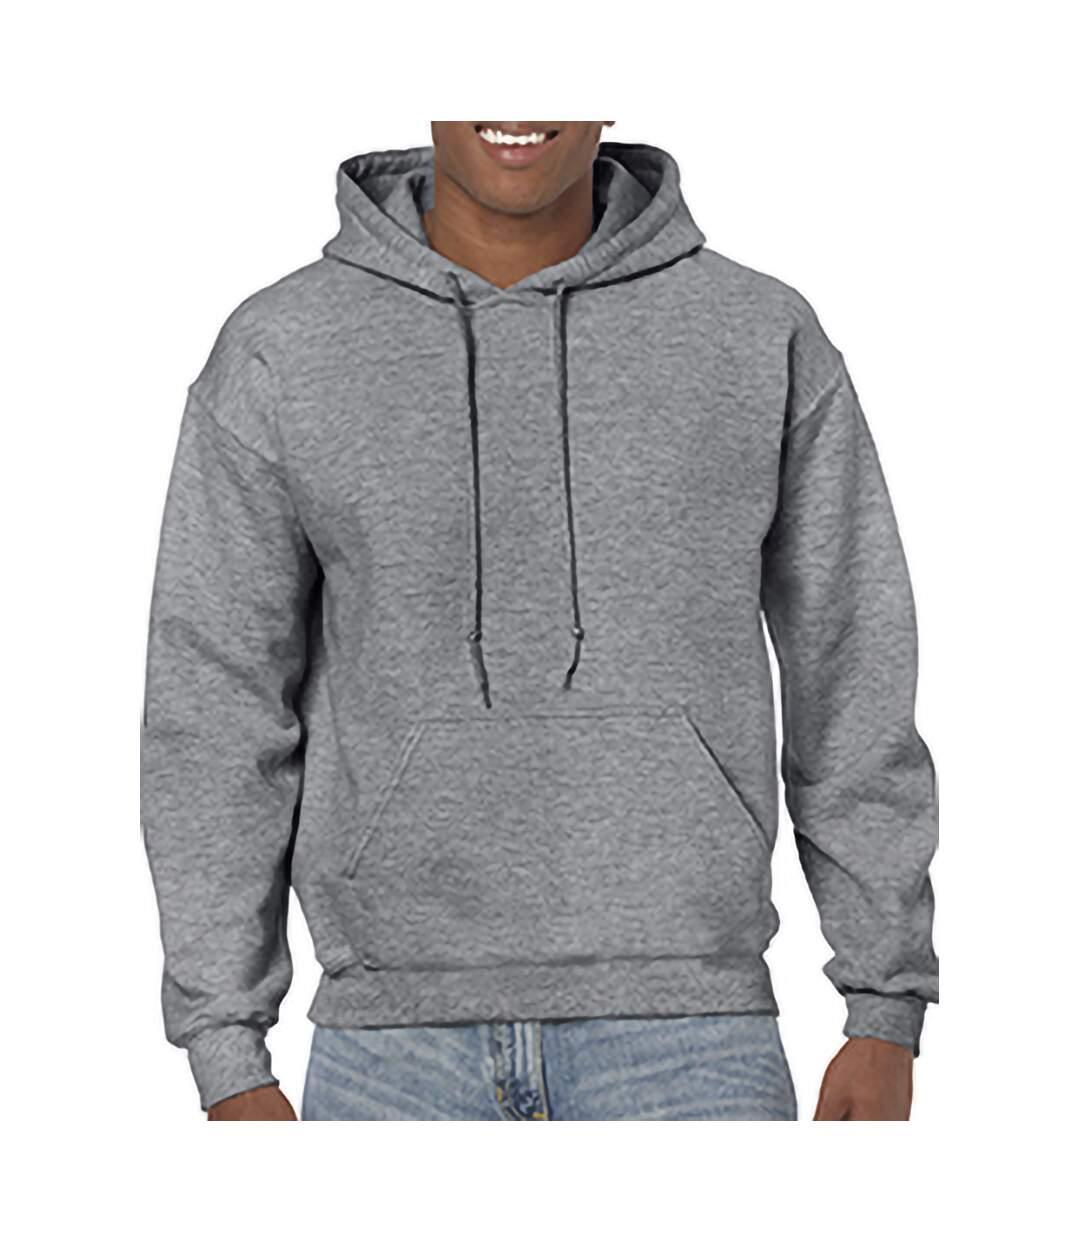 Gildan Heavy Blend Adult Unisex Hooded Sweatshirt / Hoodie (Royal) - UTBC468